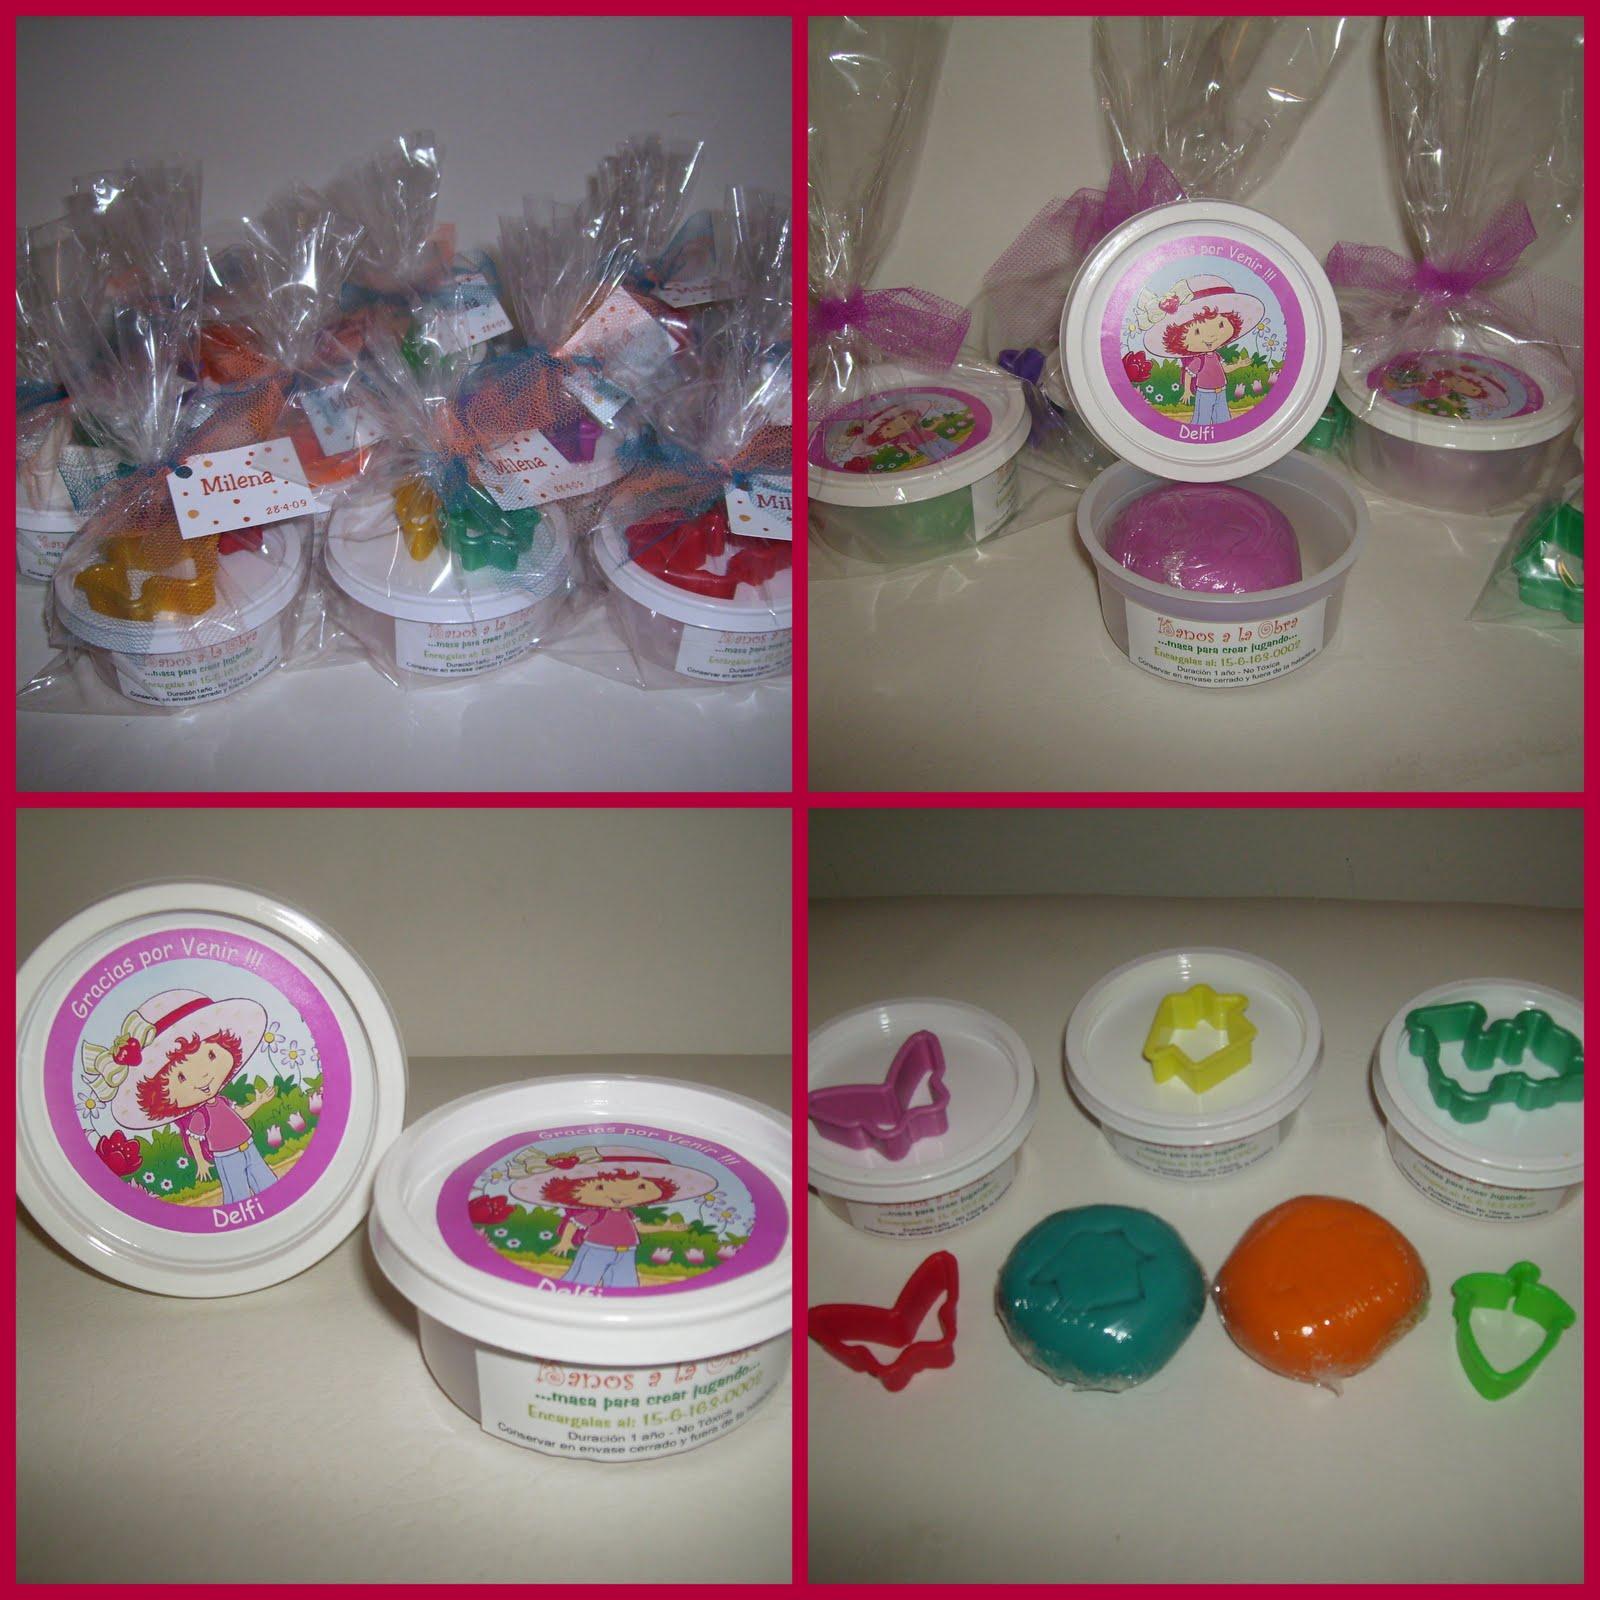 etiquetas juegos para regalitos y souvenirs souvenirs